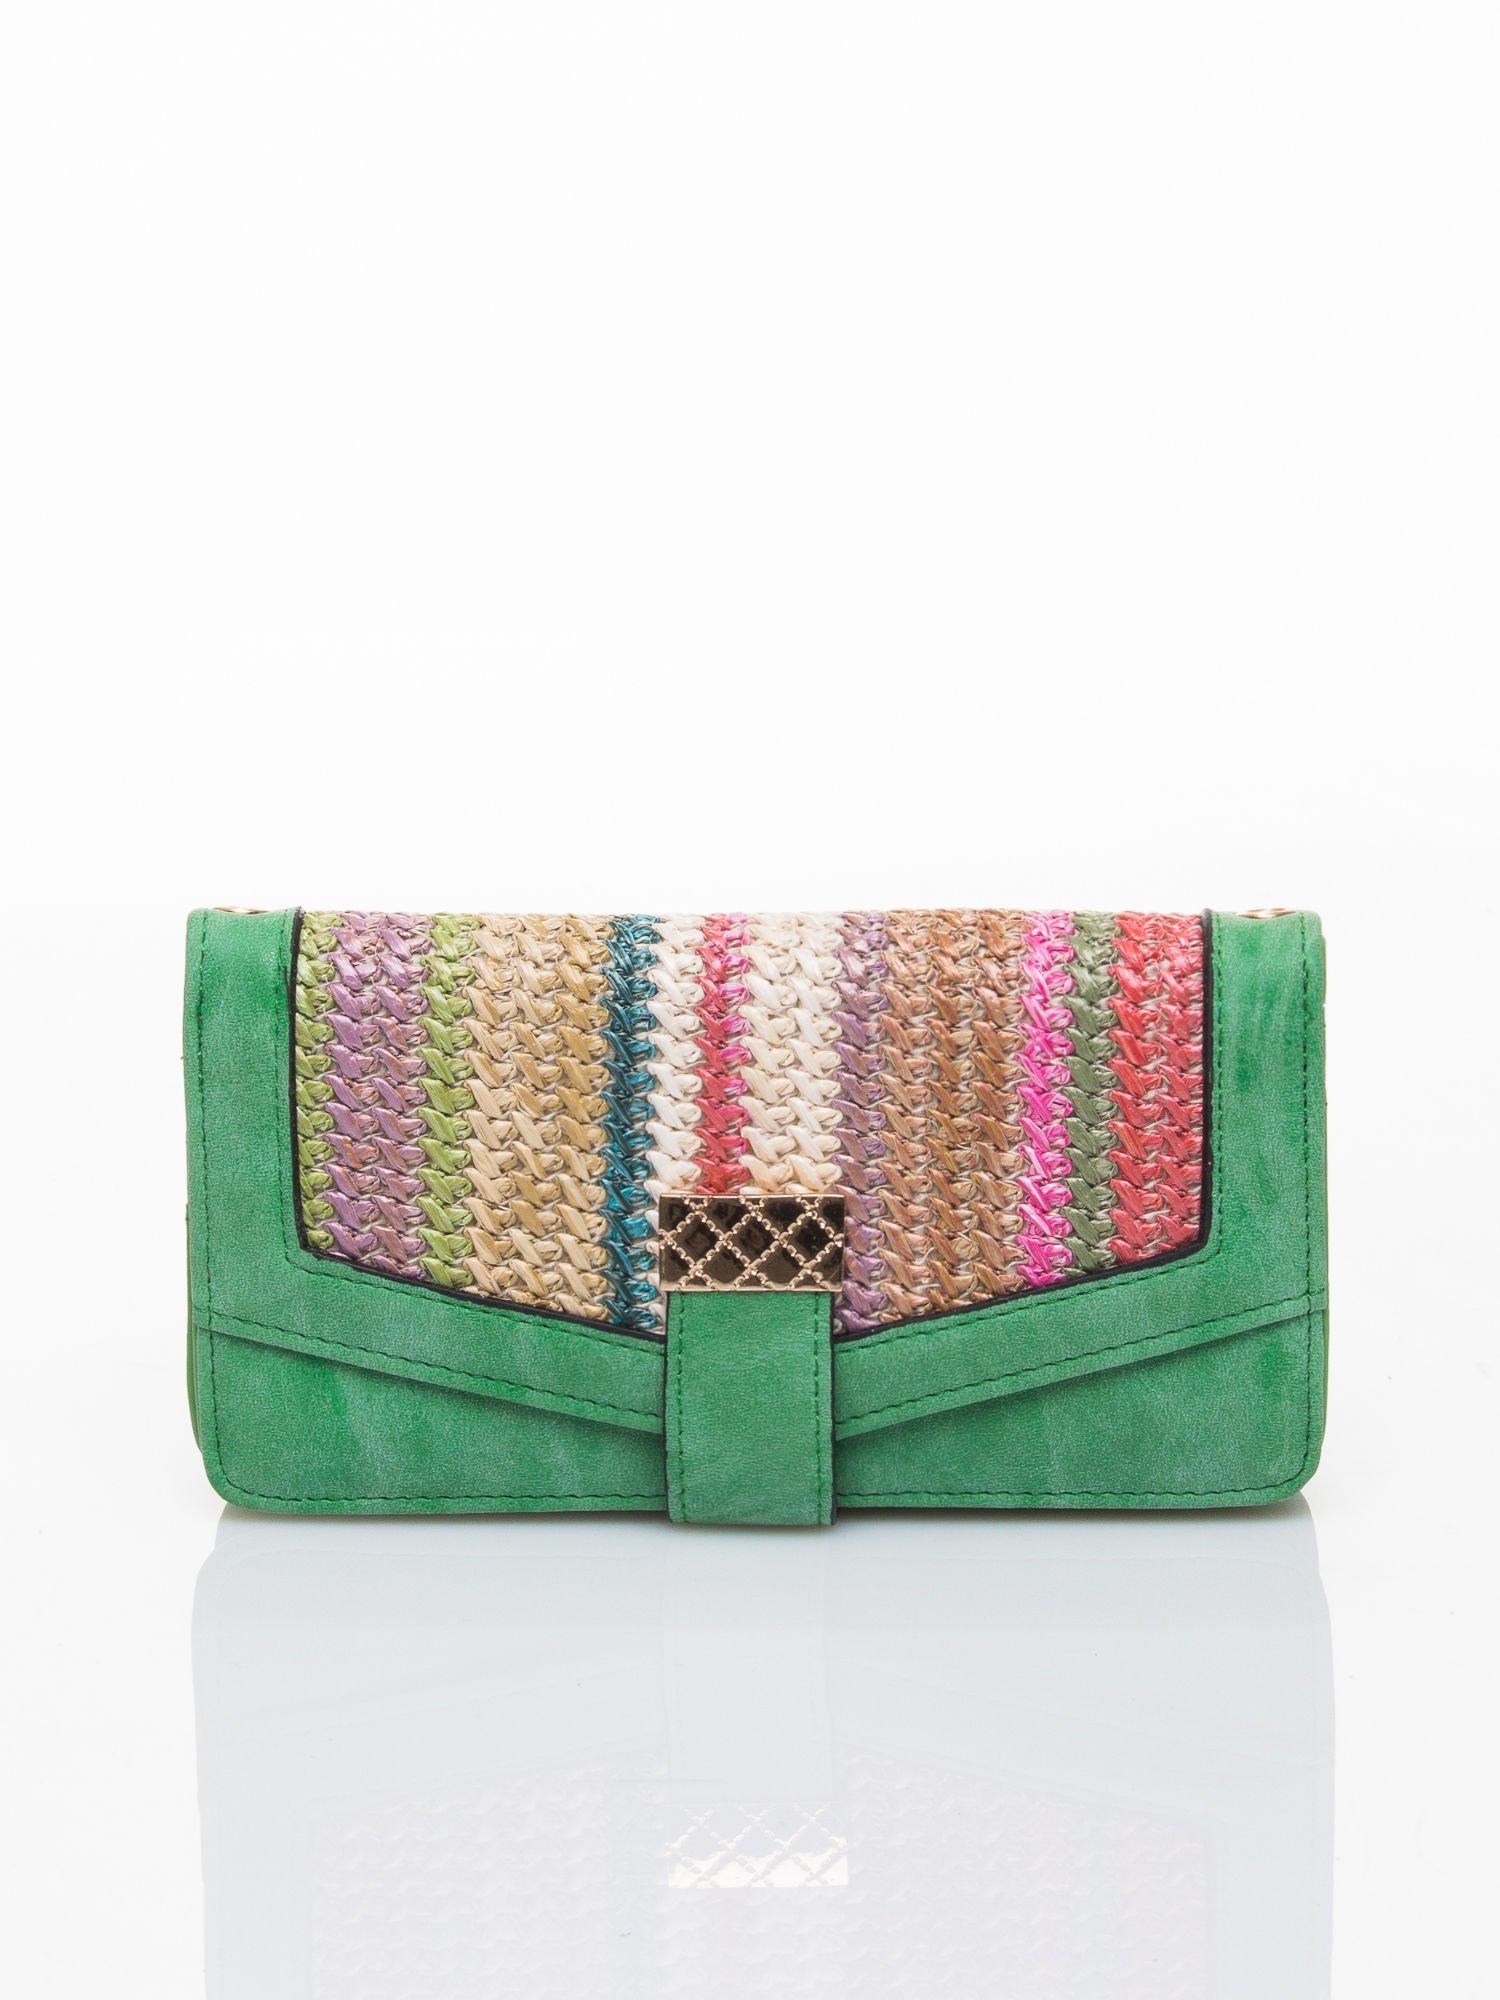 Zielony portfel z plecionką                                  zdj.                                  1